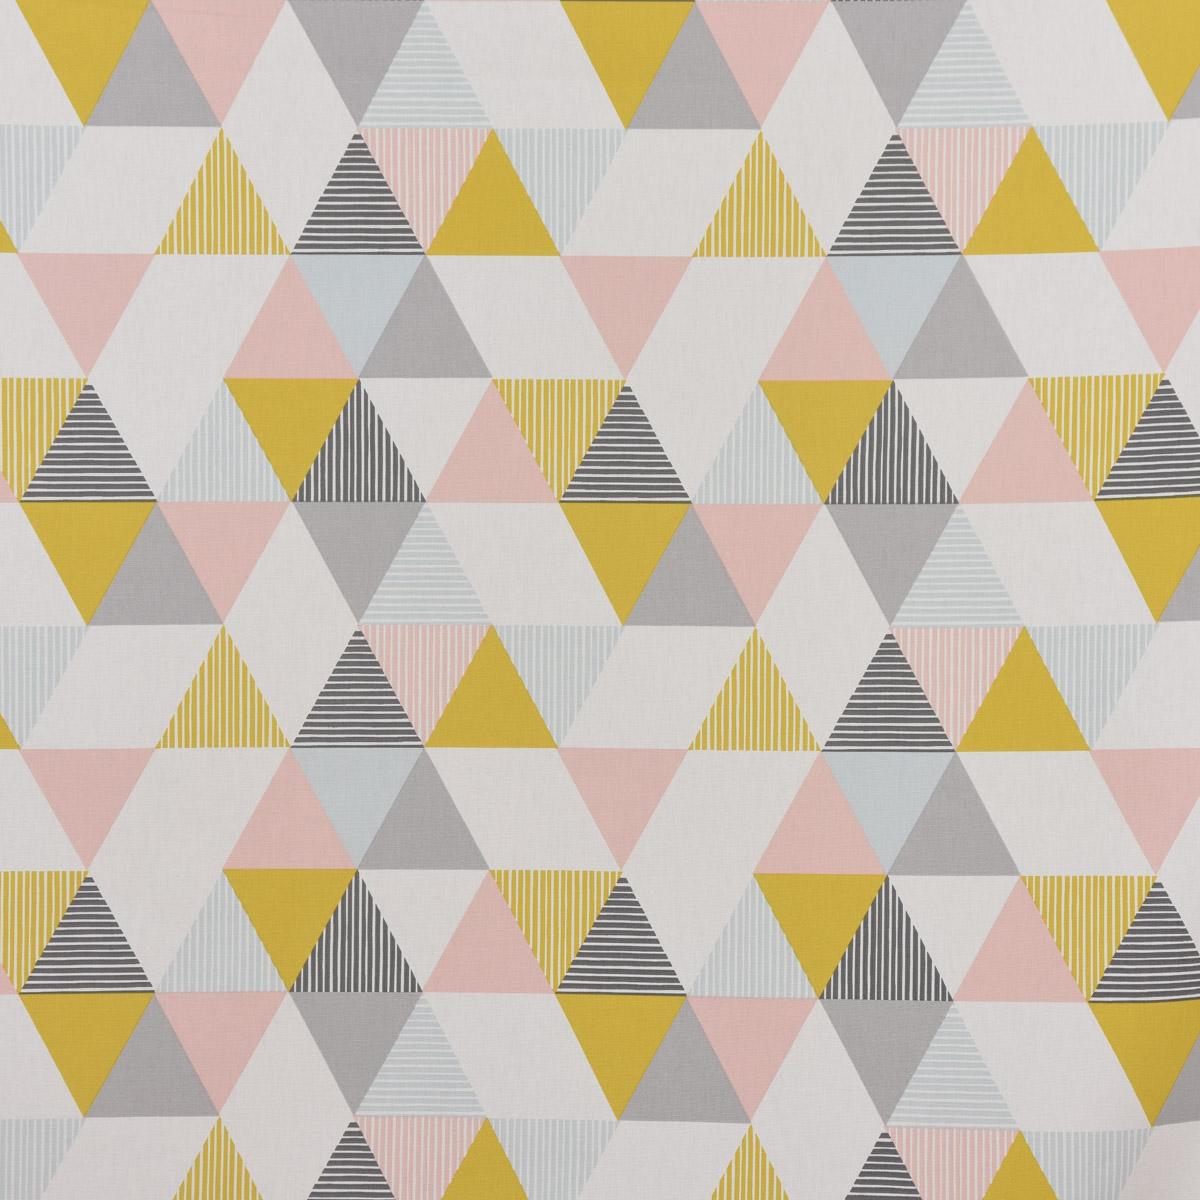 Clarke & Clarke STUDIO G Englischer Dekostoff Baumwollstoff Polsterstoff Brio Dreiecke Sorbet rosa senf blau grau 138cm Breite